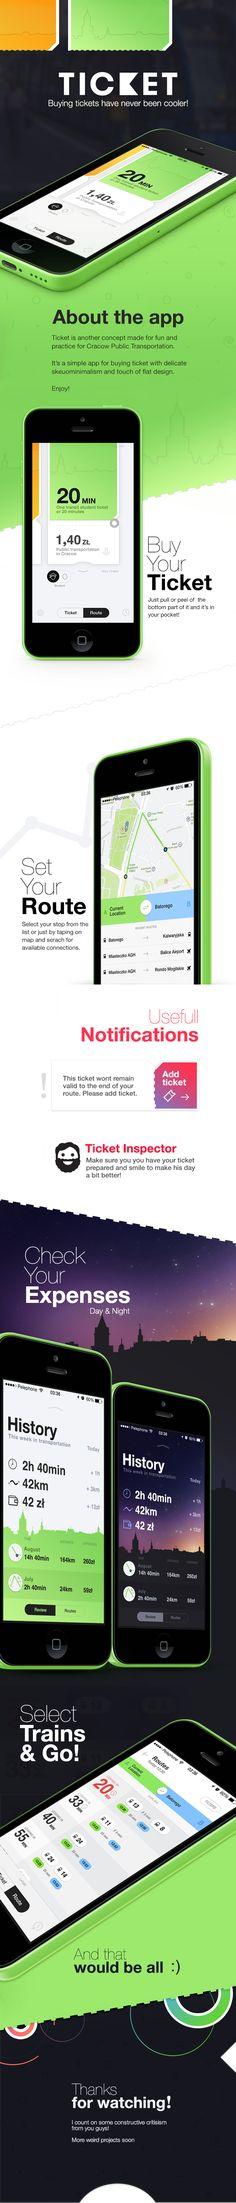 Ticket App https://www.behance.net/gallery/19678177/Ticket